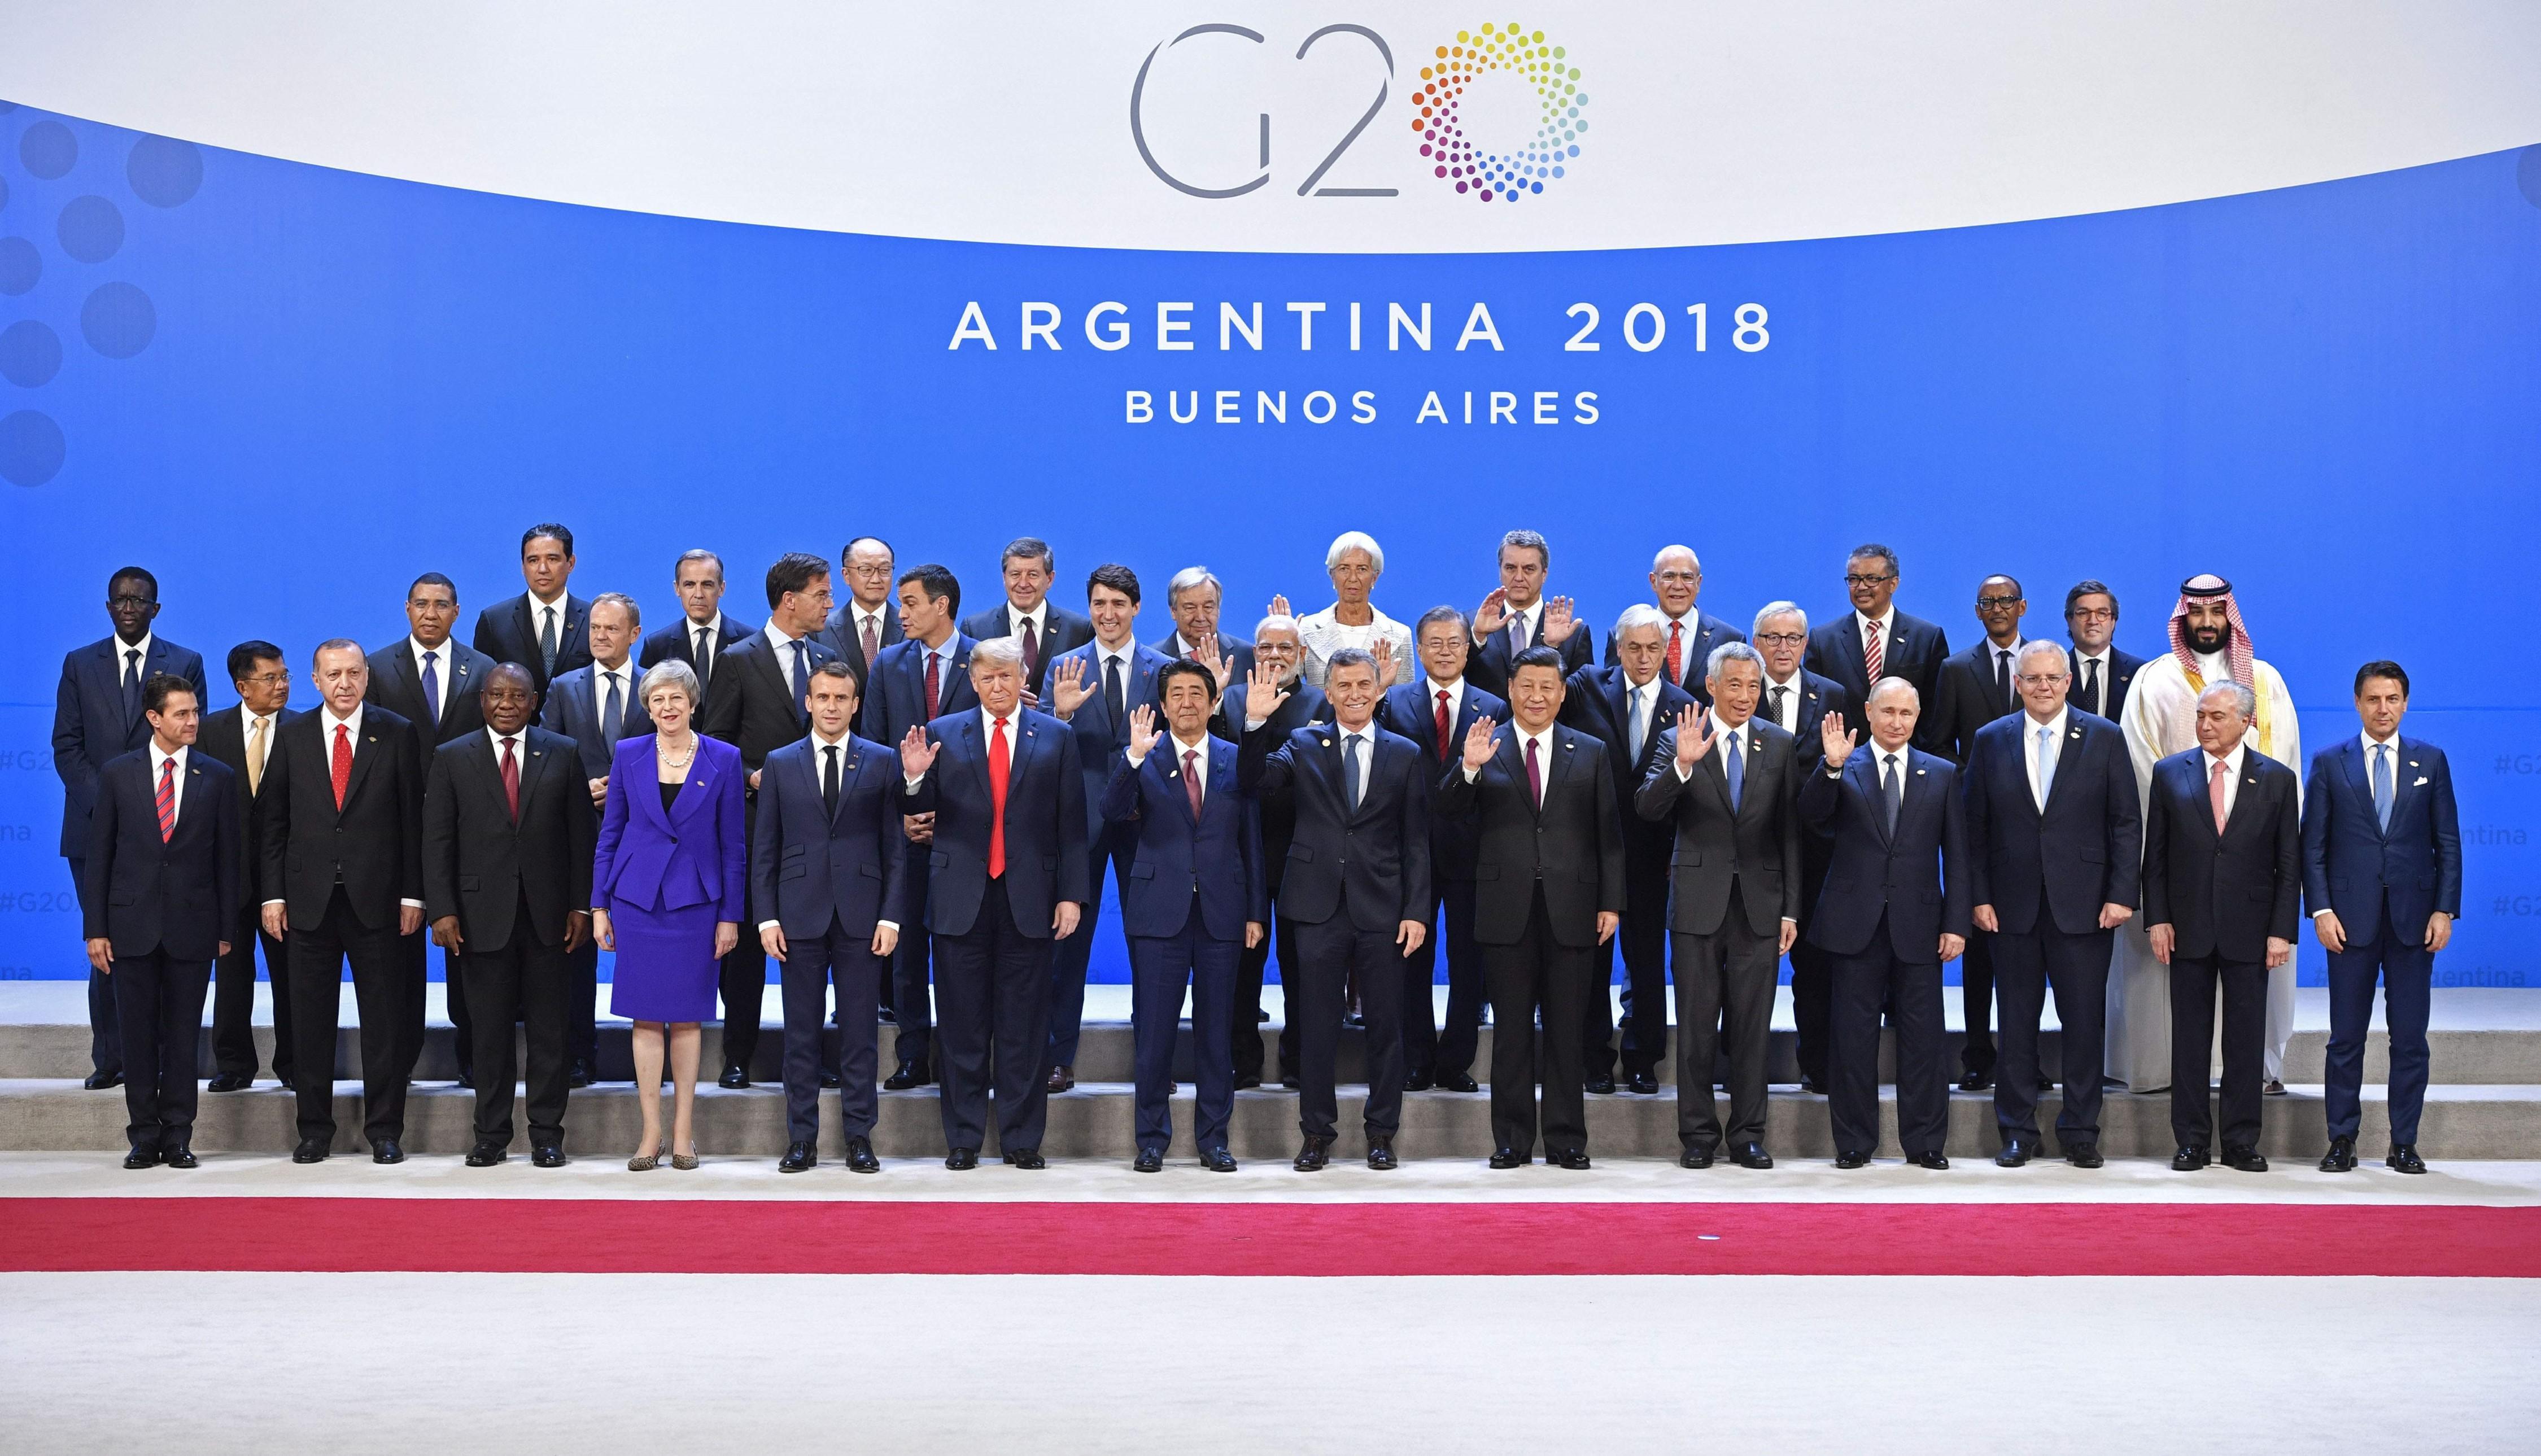 Reunión del G20 en Argentina